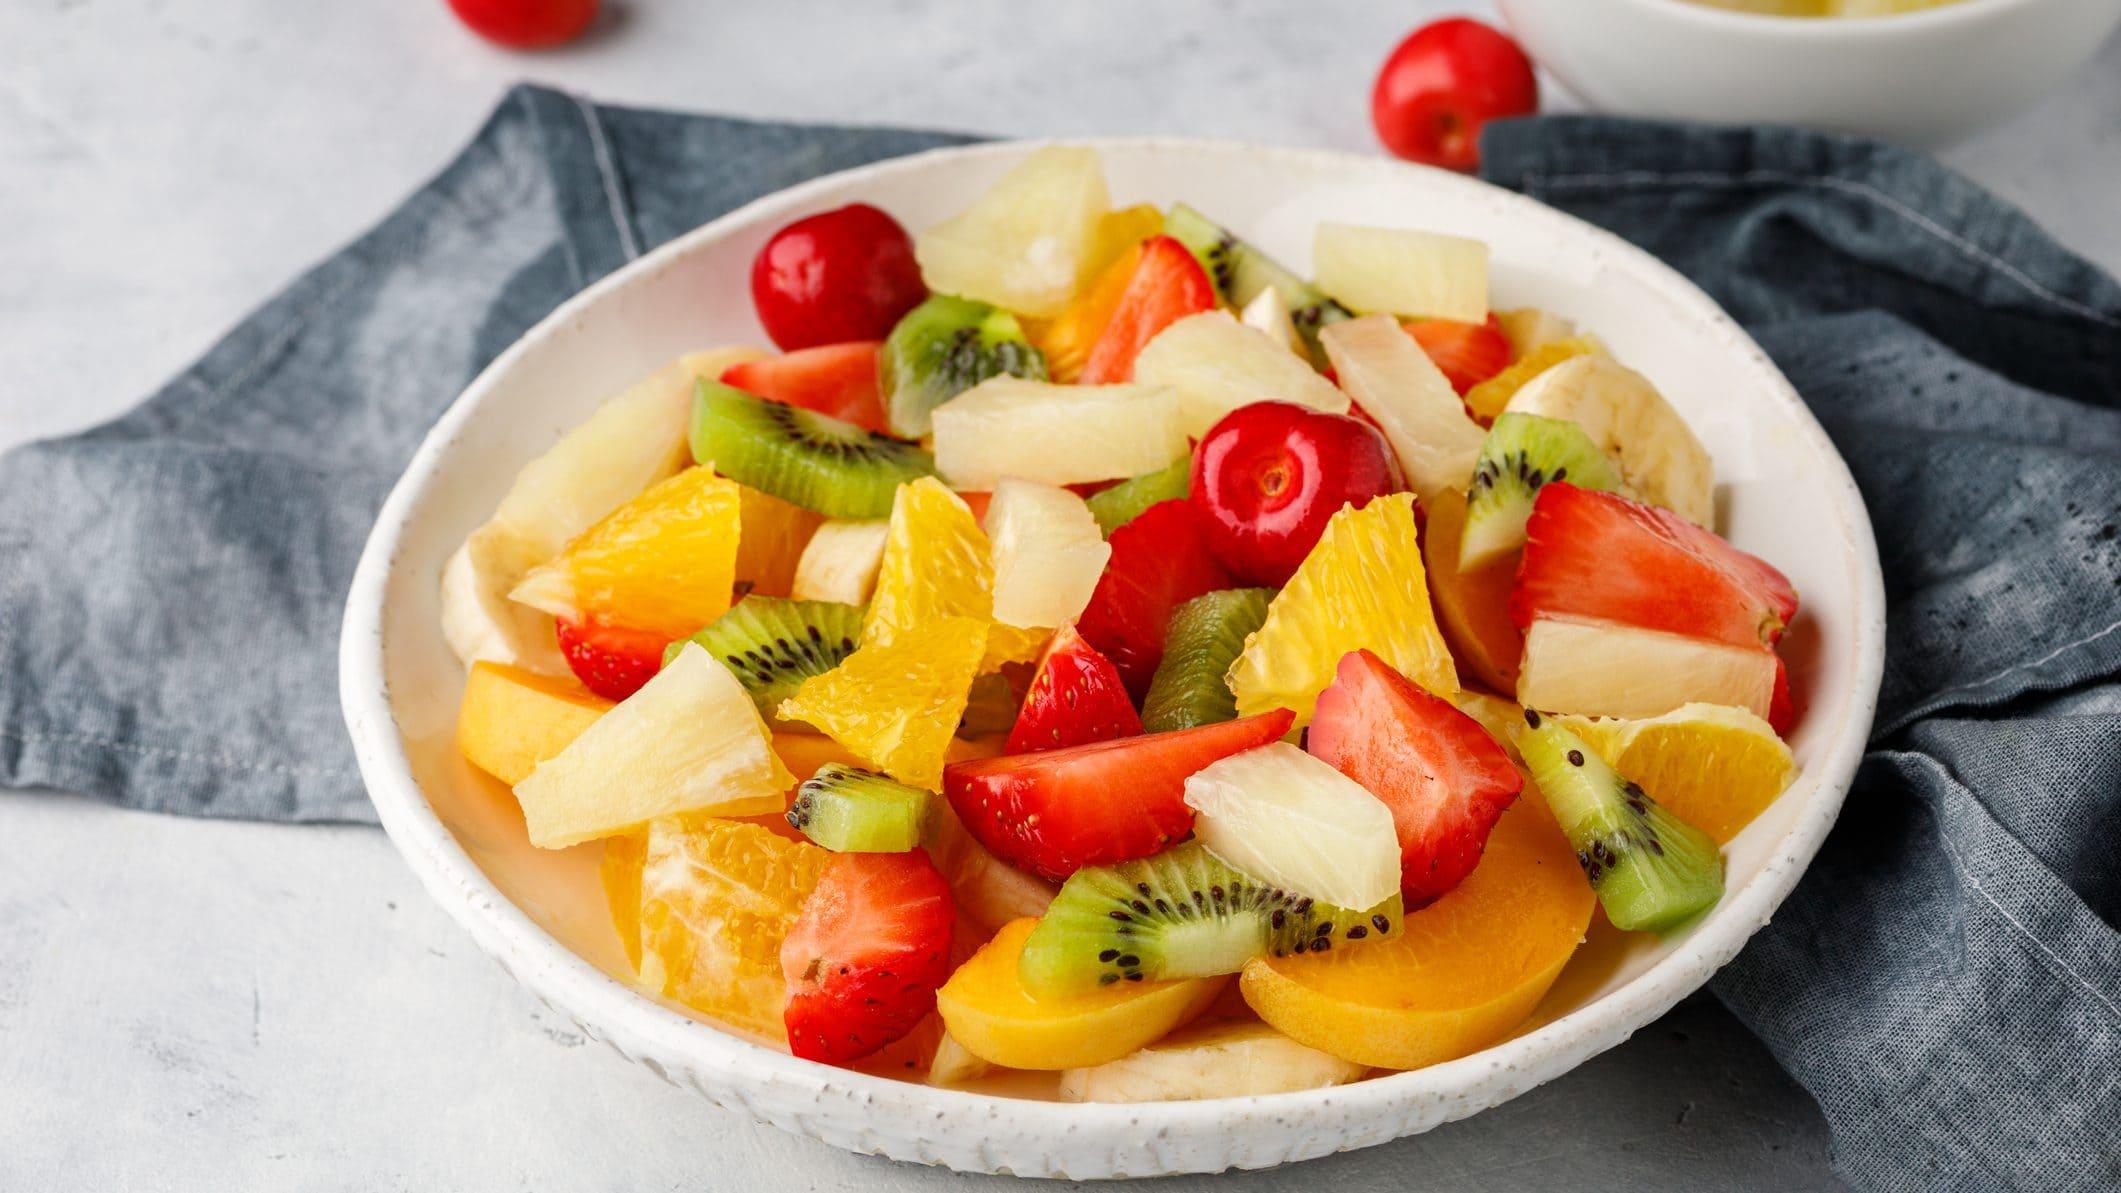 Einfacher Obstsalat mit Vanille in Schüssel, daneben graues Küchenhandtuch